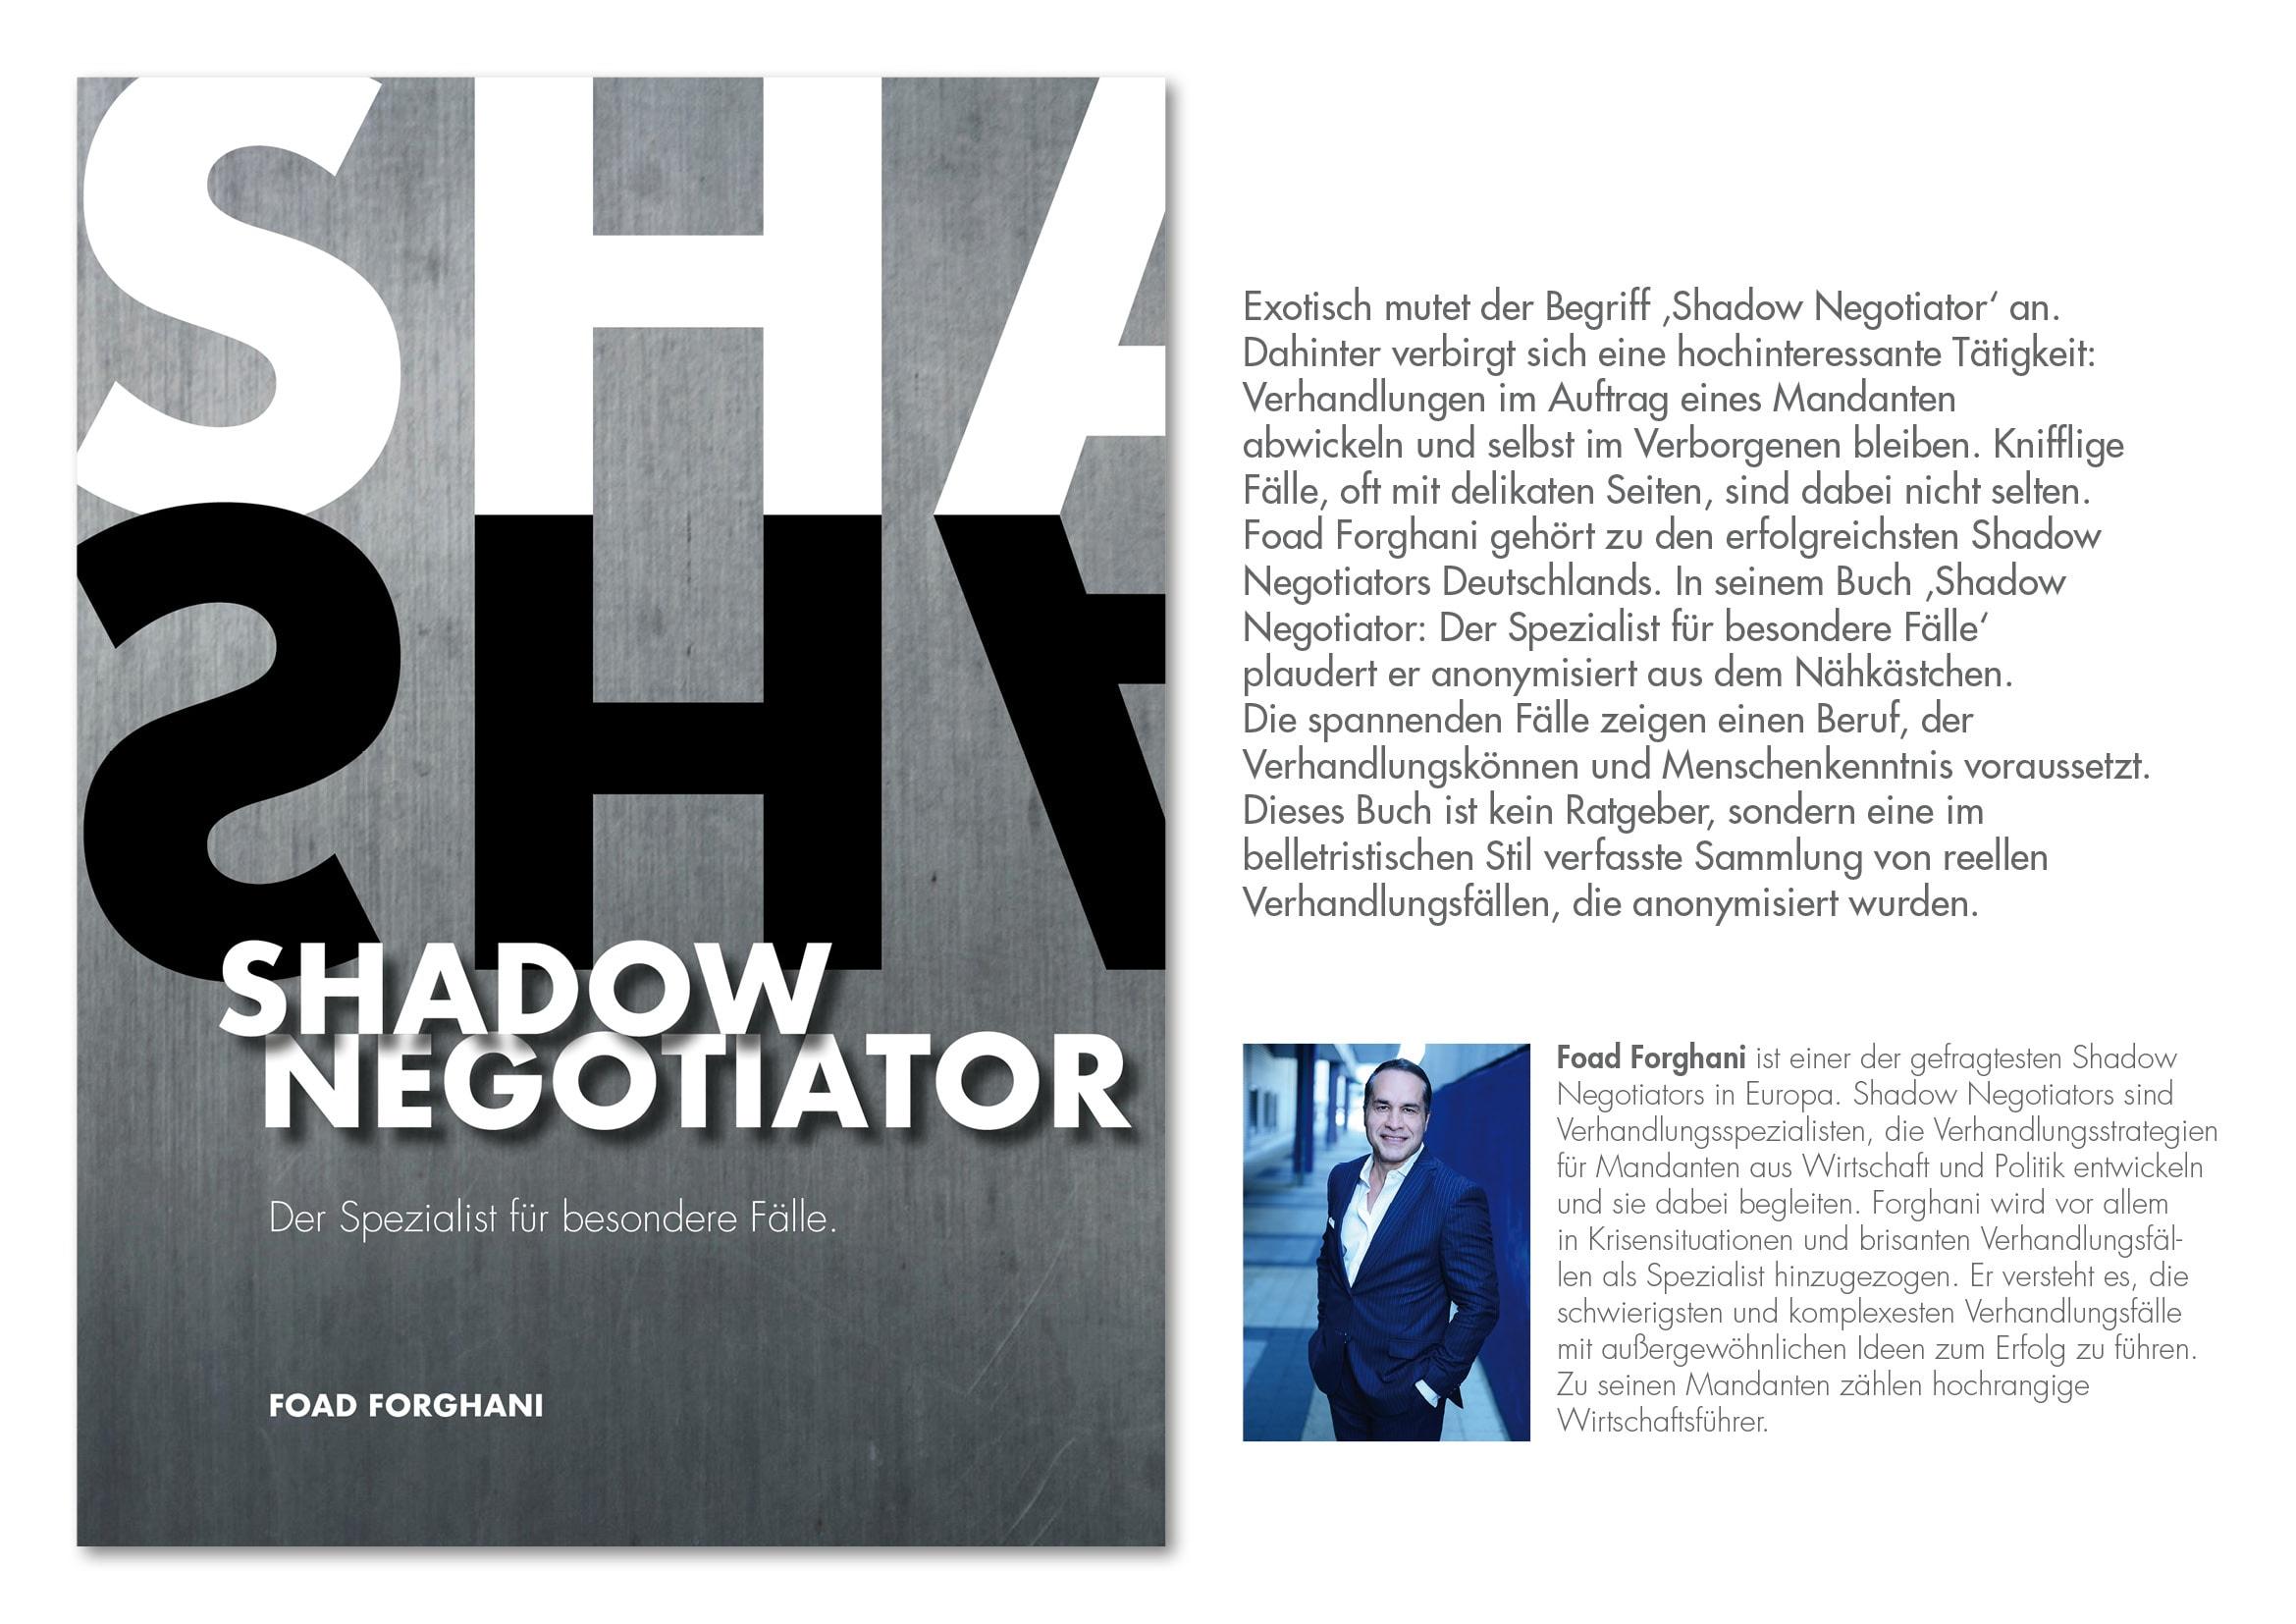 Buchcover-Design Shadow Negotiator von Autor Foad Forghani durch Grafik-Designer Ronald Wissler